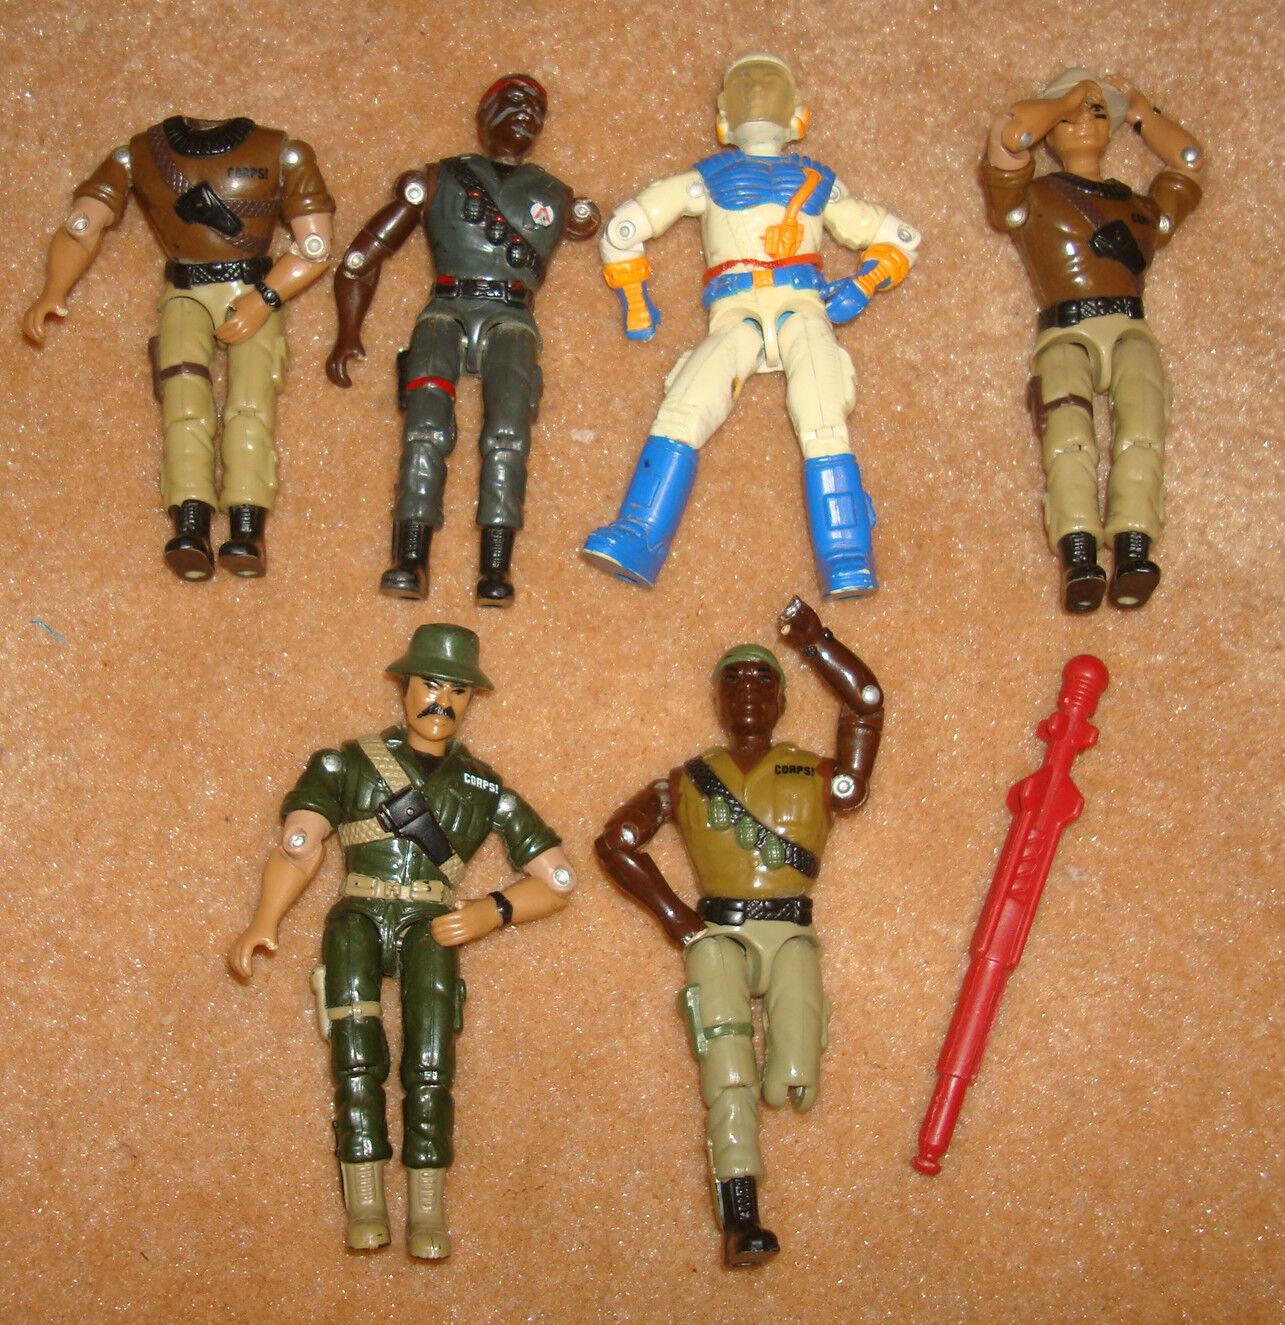 precio razonable Vintage Años 80 Gi Joe Tamaño Tamaño Tamaño Figura De Acción Chap Ejército Militar Lote 6 1980 y 1990, Partes  mejor servicio